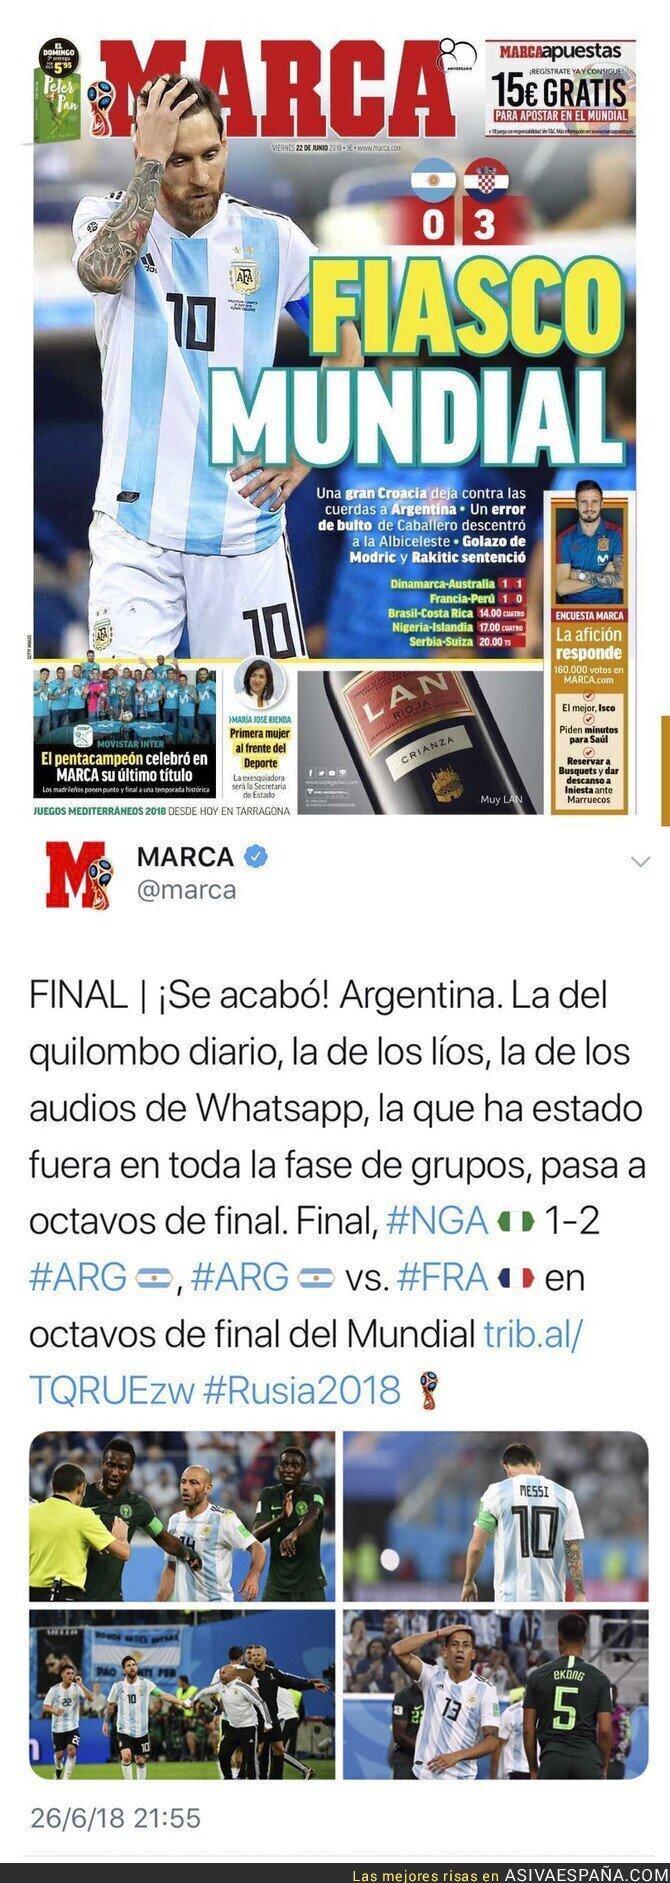 88884 - El diario MARCA y sus noticias en pocos días